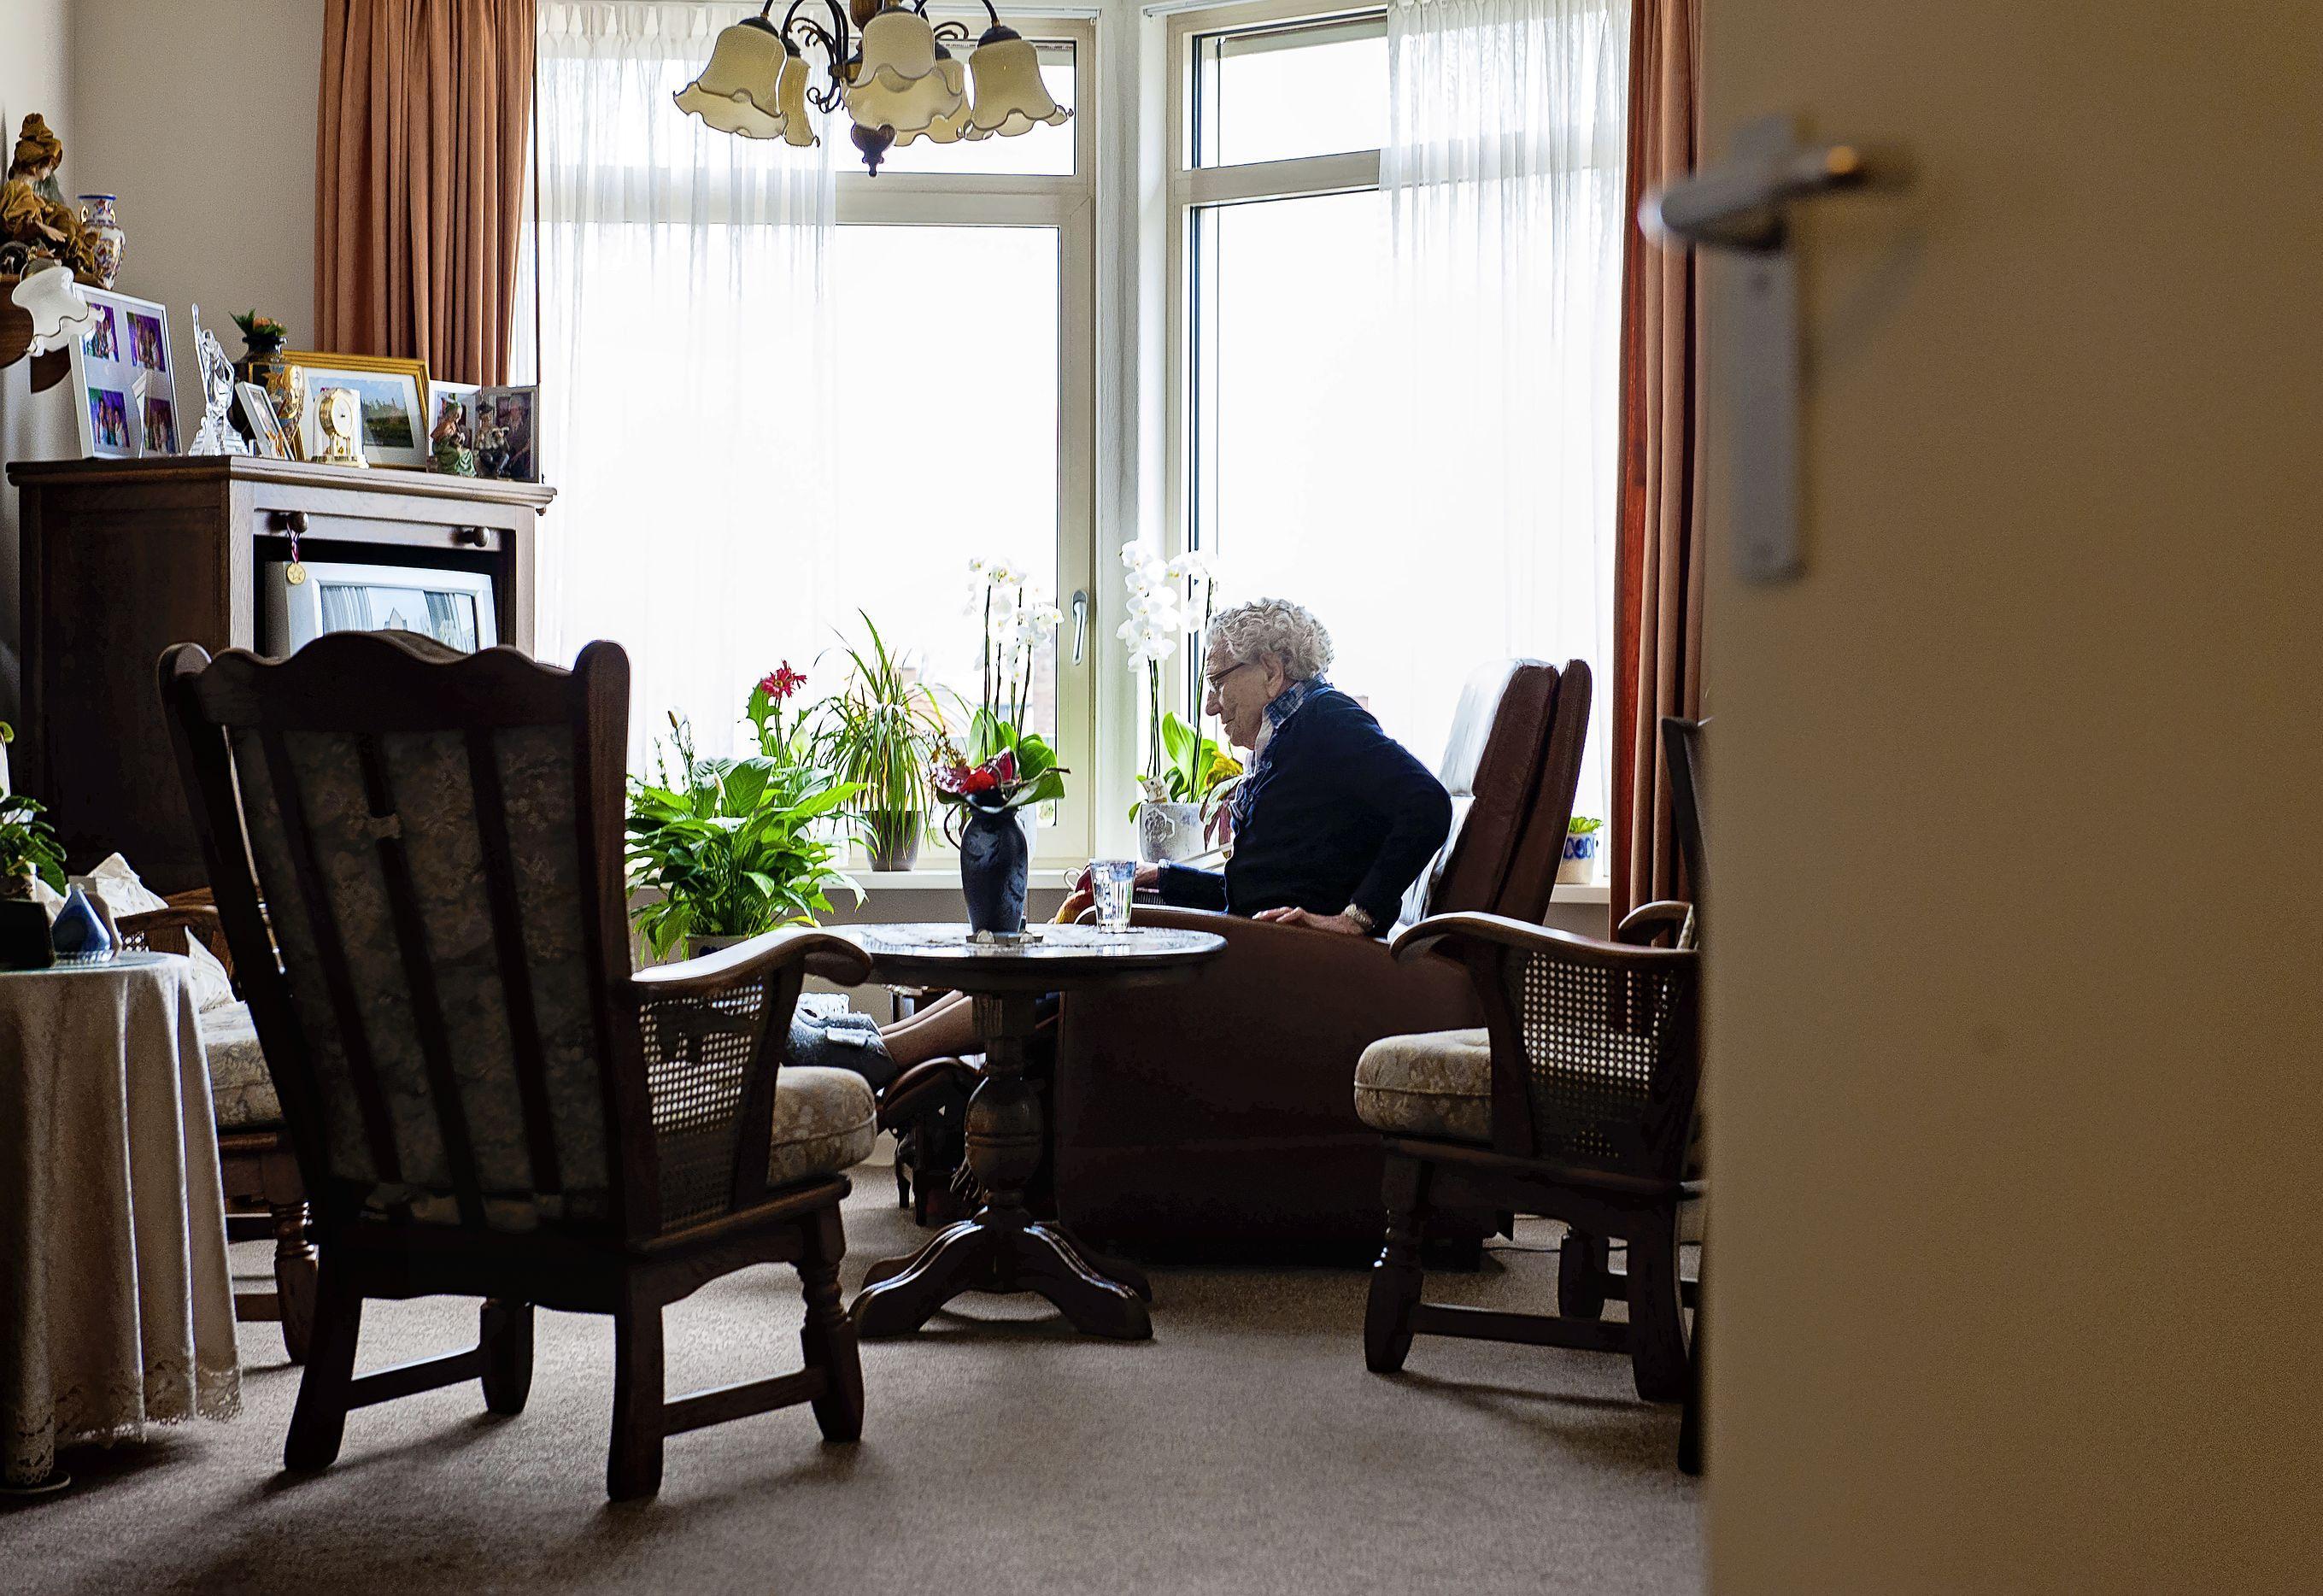 Haarlemmer loog tegen ouderen om geld van ze te 'lenen': 'Als ik had gezegd dat het voor bier en sigaretten was, dan hadden ze het me nooit gegeven'